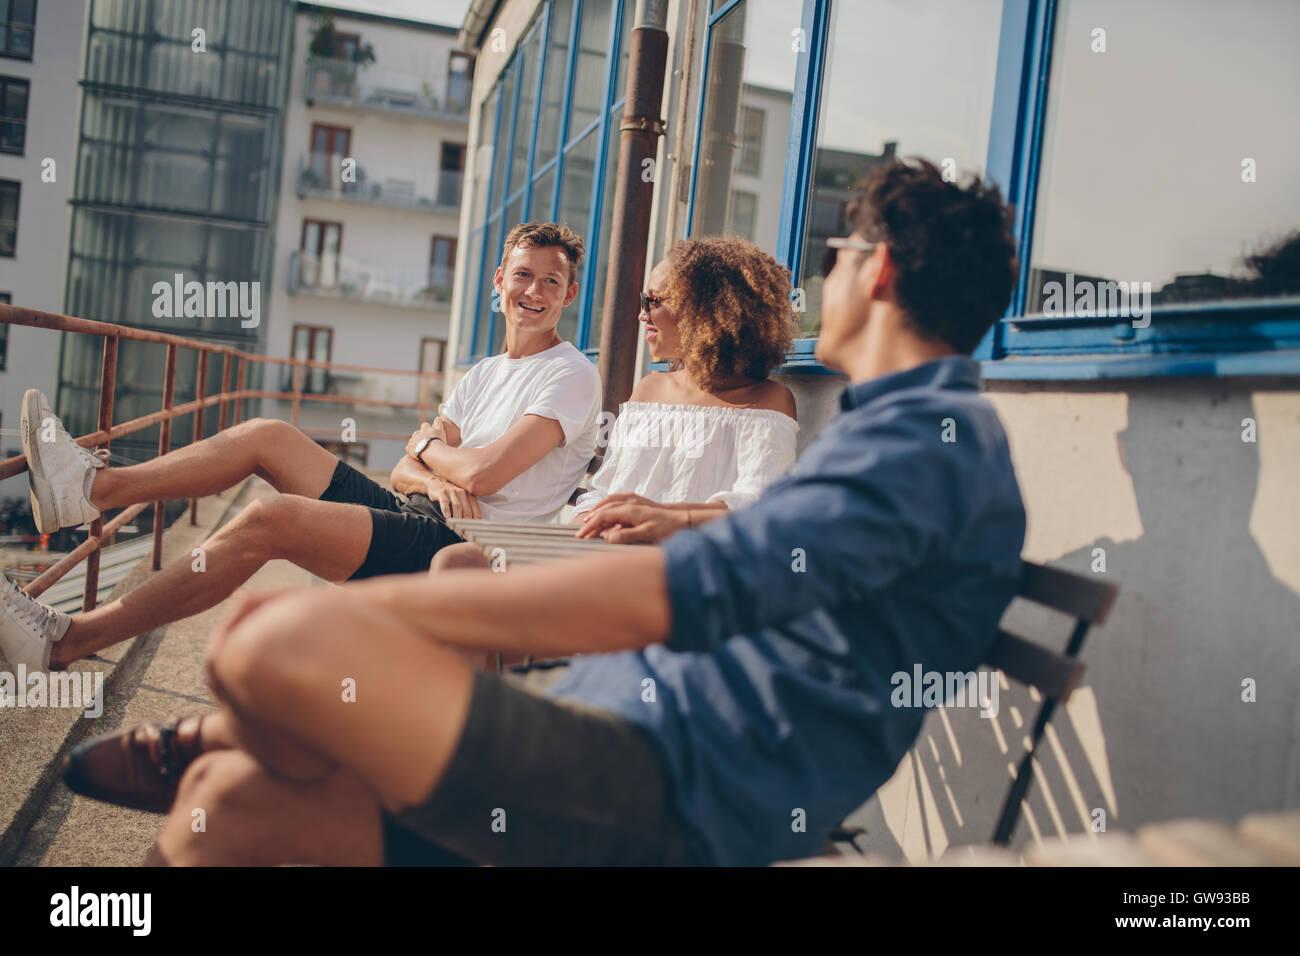 Tre giovani amici di outdoor cafe. Gruppo multirazziale di giovani di relax all'aperto presso il cafe tabella. Immagini Stock